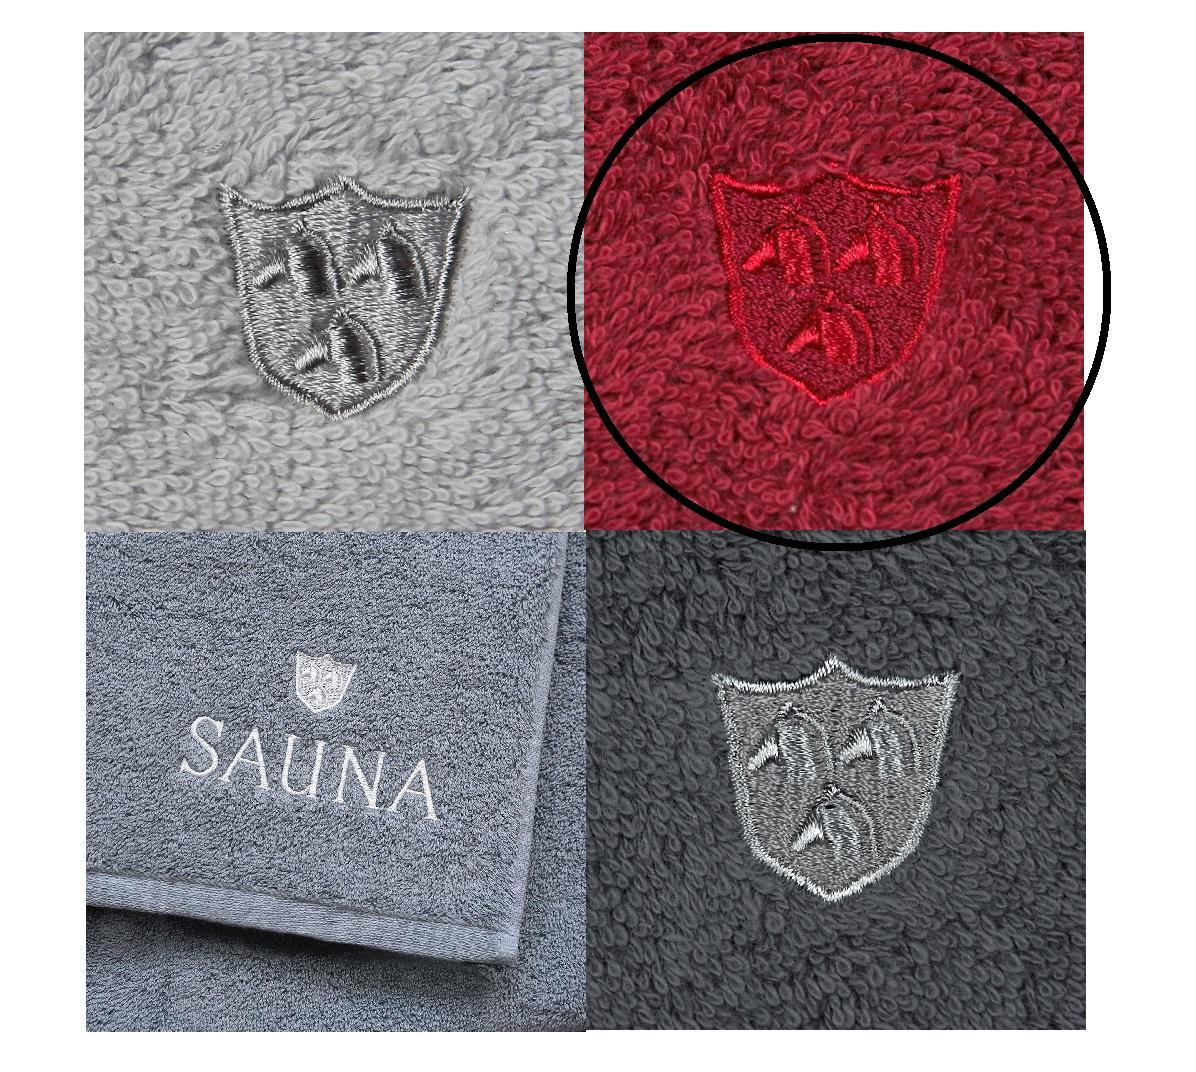 ROSS Saunatuch Wellnesstuch weiche Qualität mit Stickerei und Logo 19 marsala